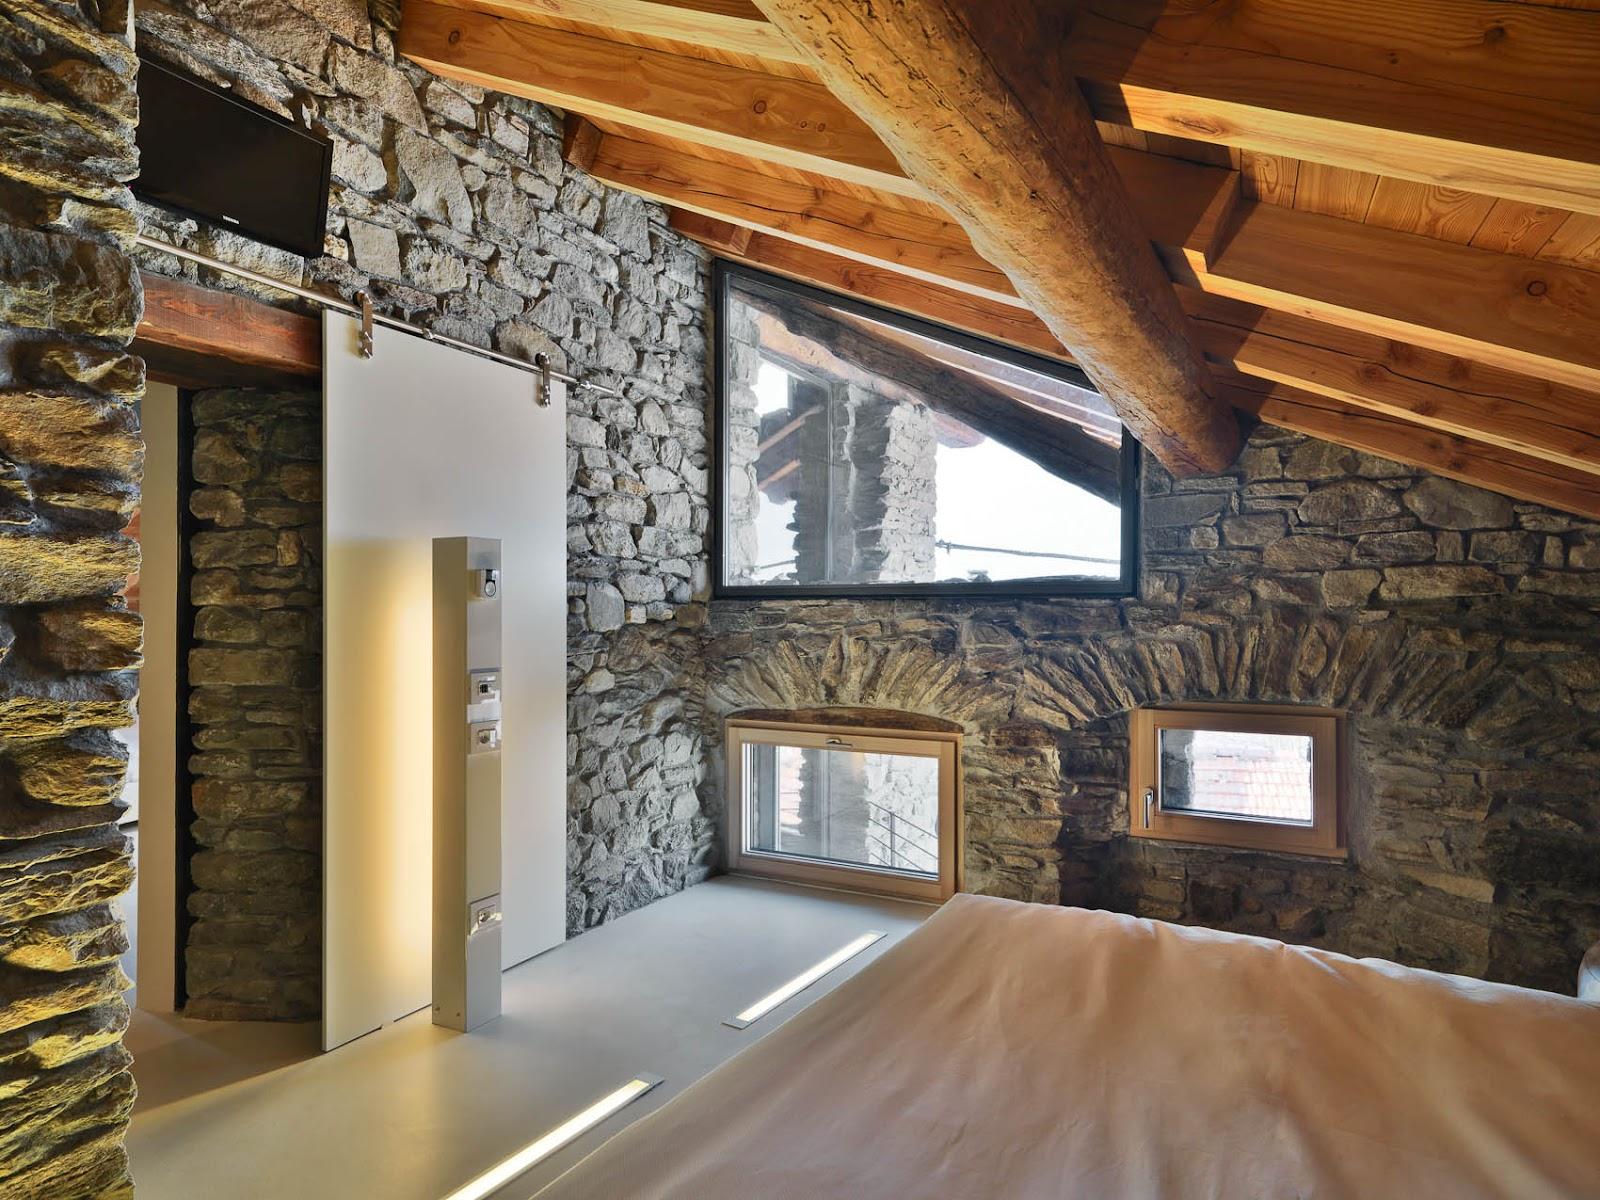 Neo arquitecturaymas espectaculares interiores en madera for Case e interni